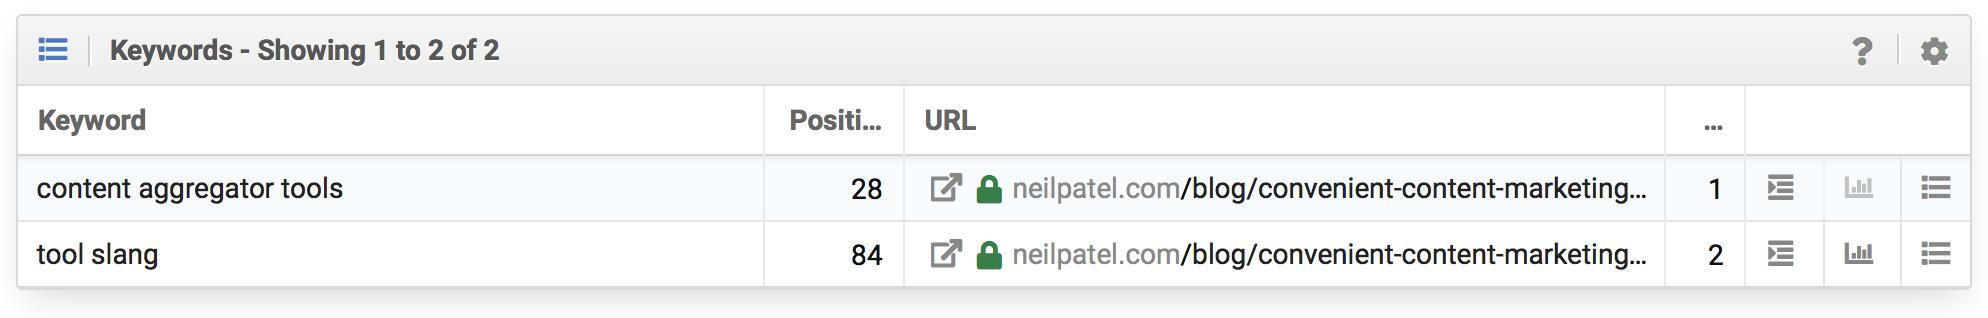 neilpatel.com/blog/convenient-content-marketing-tools/ tiene 3.351 interacciones en RRSS. pero la URL posiciona solamente 2 palabras clave y ambas lejos de la primera página de Google